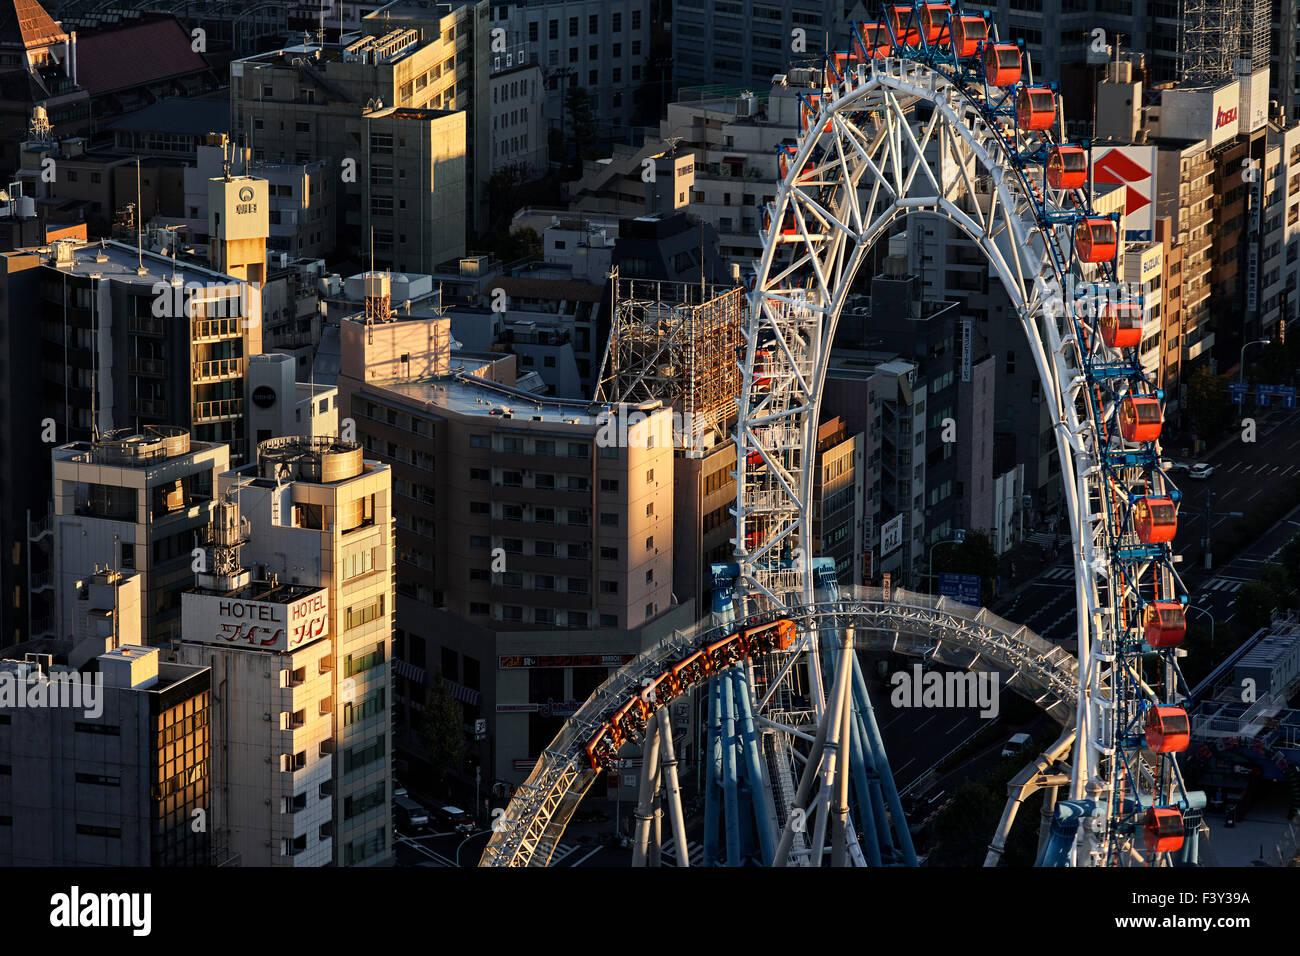 La isla de Japón, Honshu, Kanto, Tokio, parque de diversiones por encima de los tejados de los edificios. Foto de stock